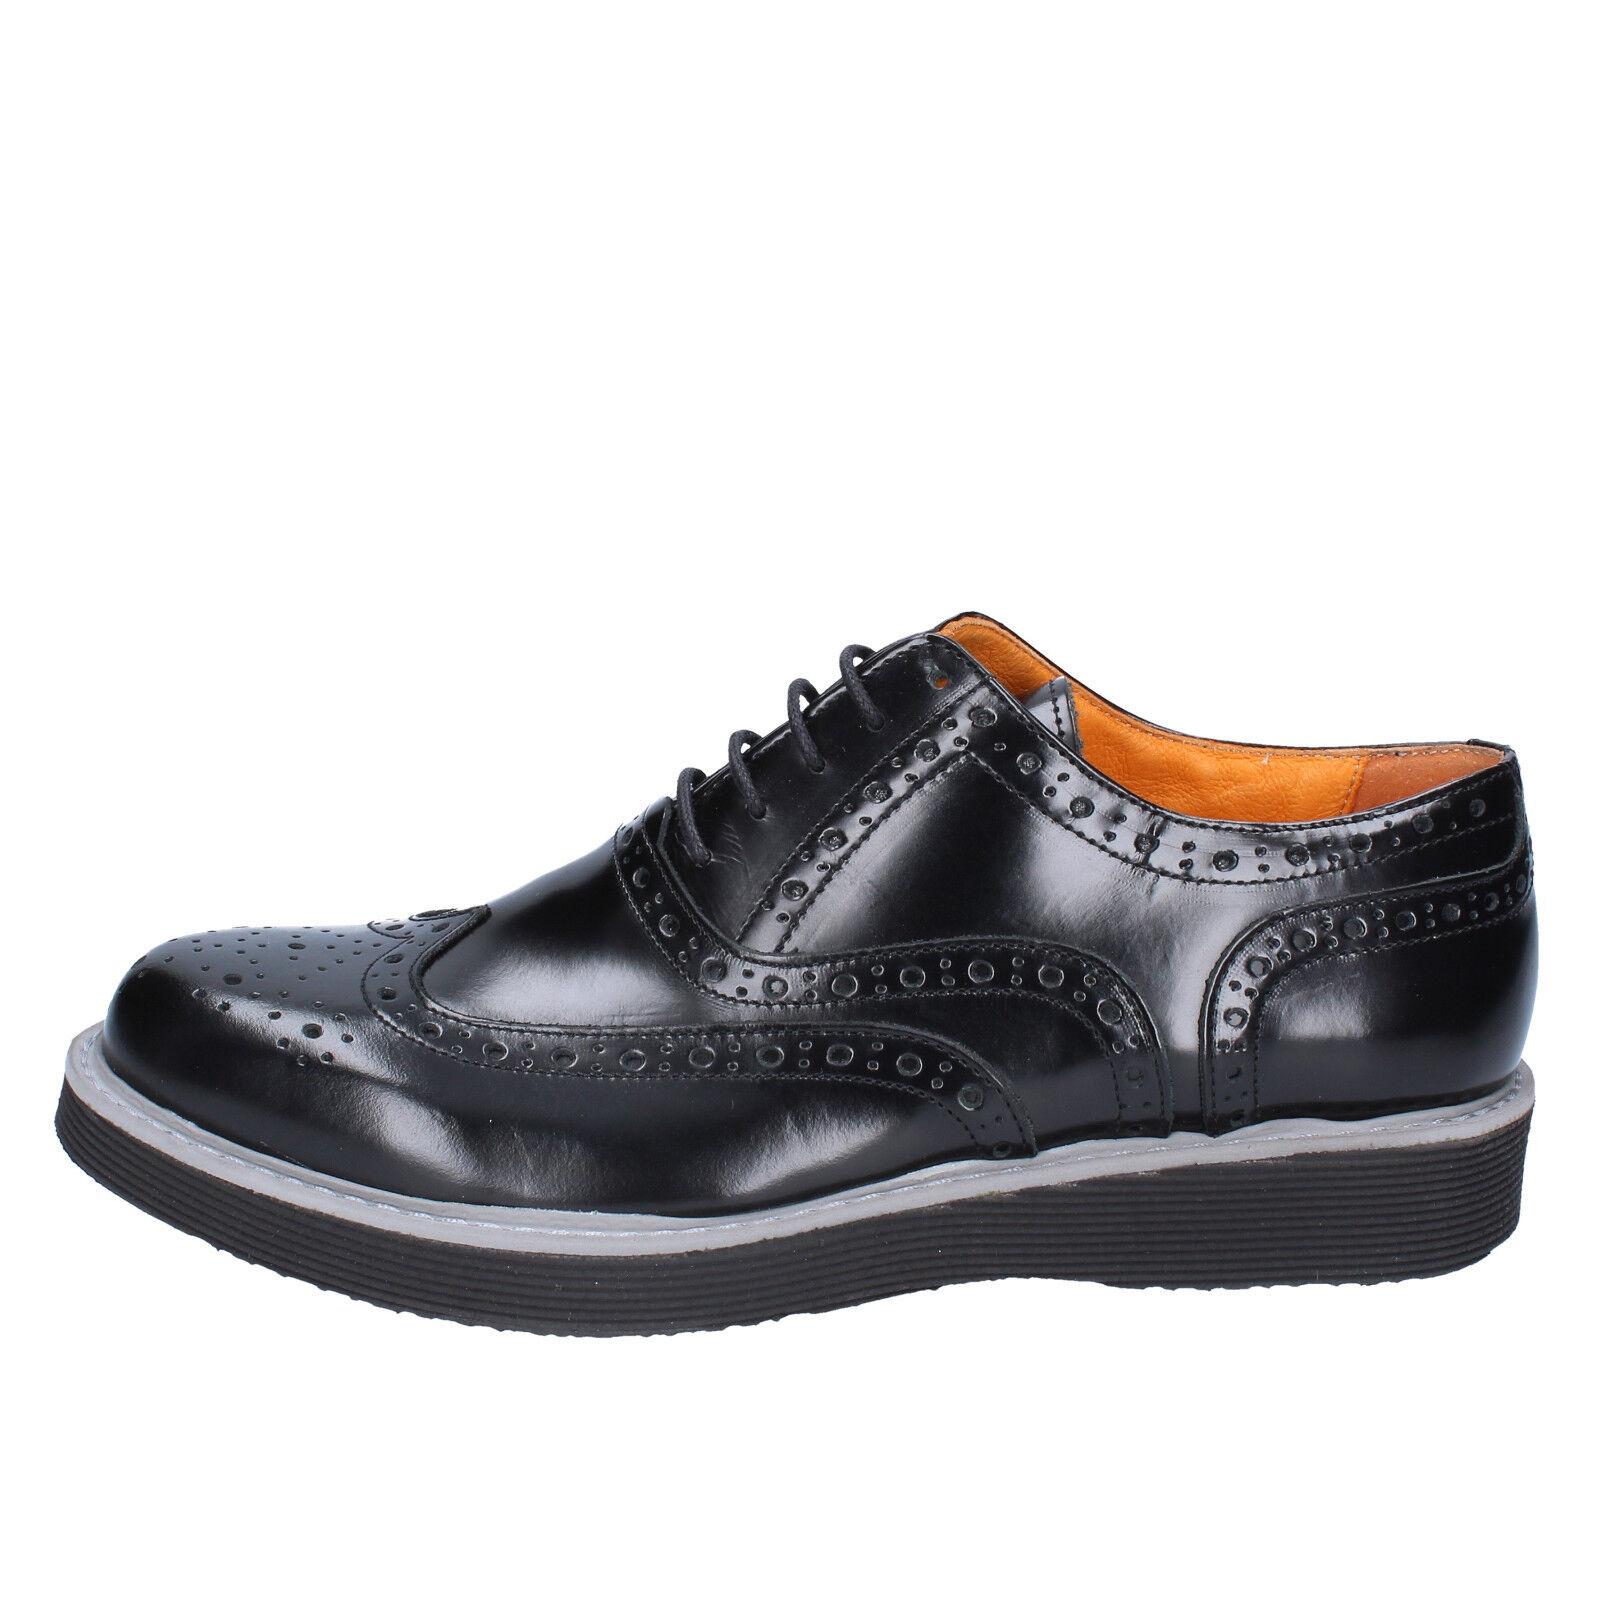 scarpe EU uomo J. BREITLIN 45 EU scarpe elegante nero pelle BX224-45 dfe744